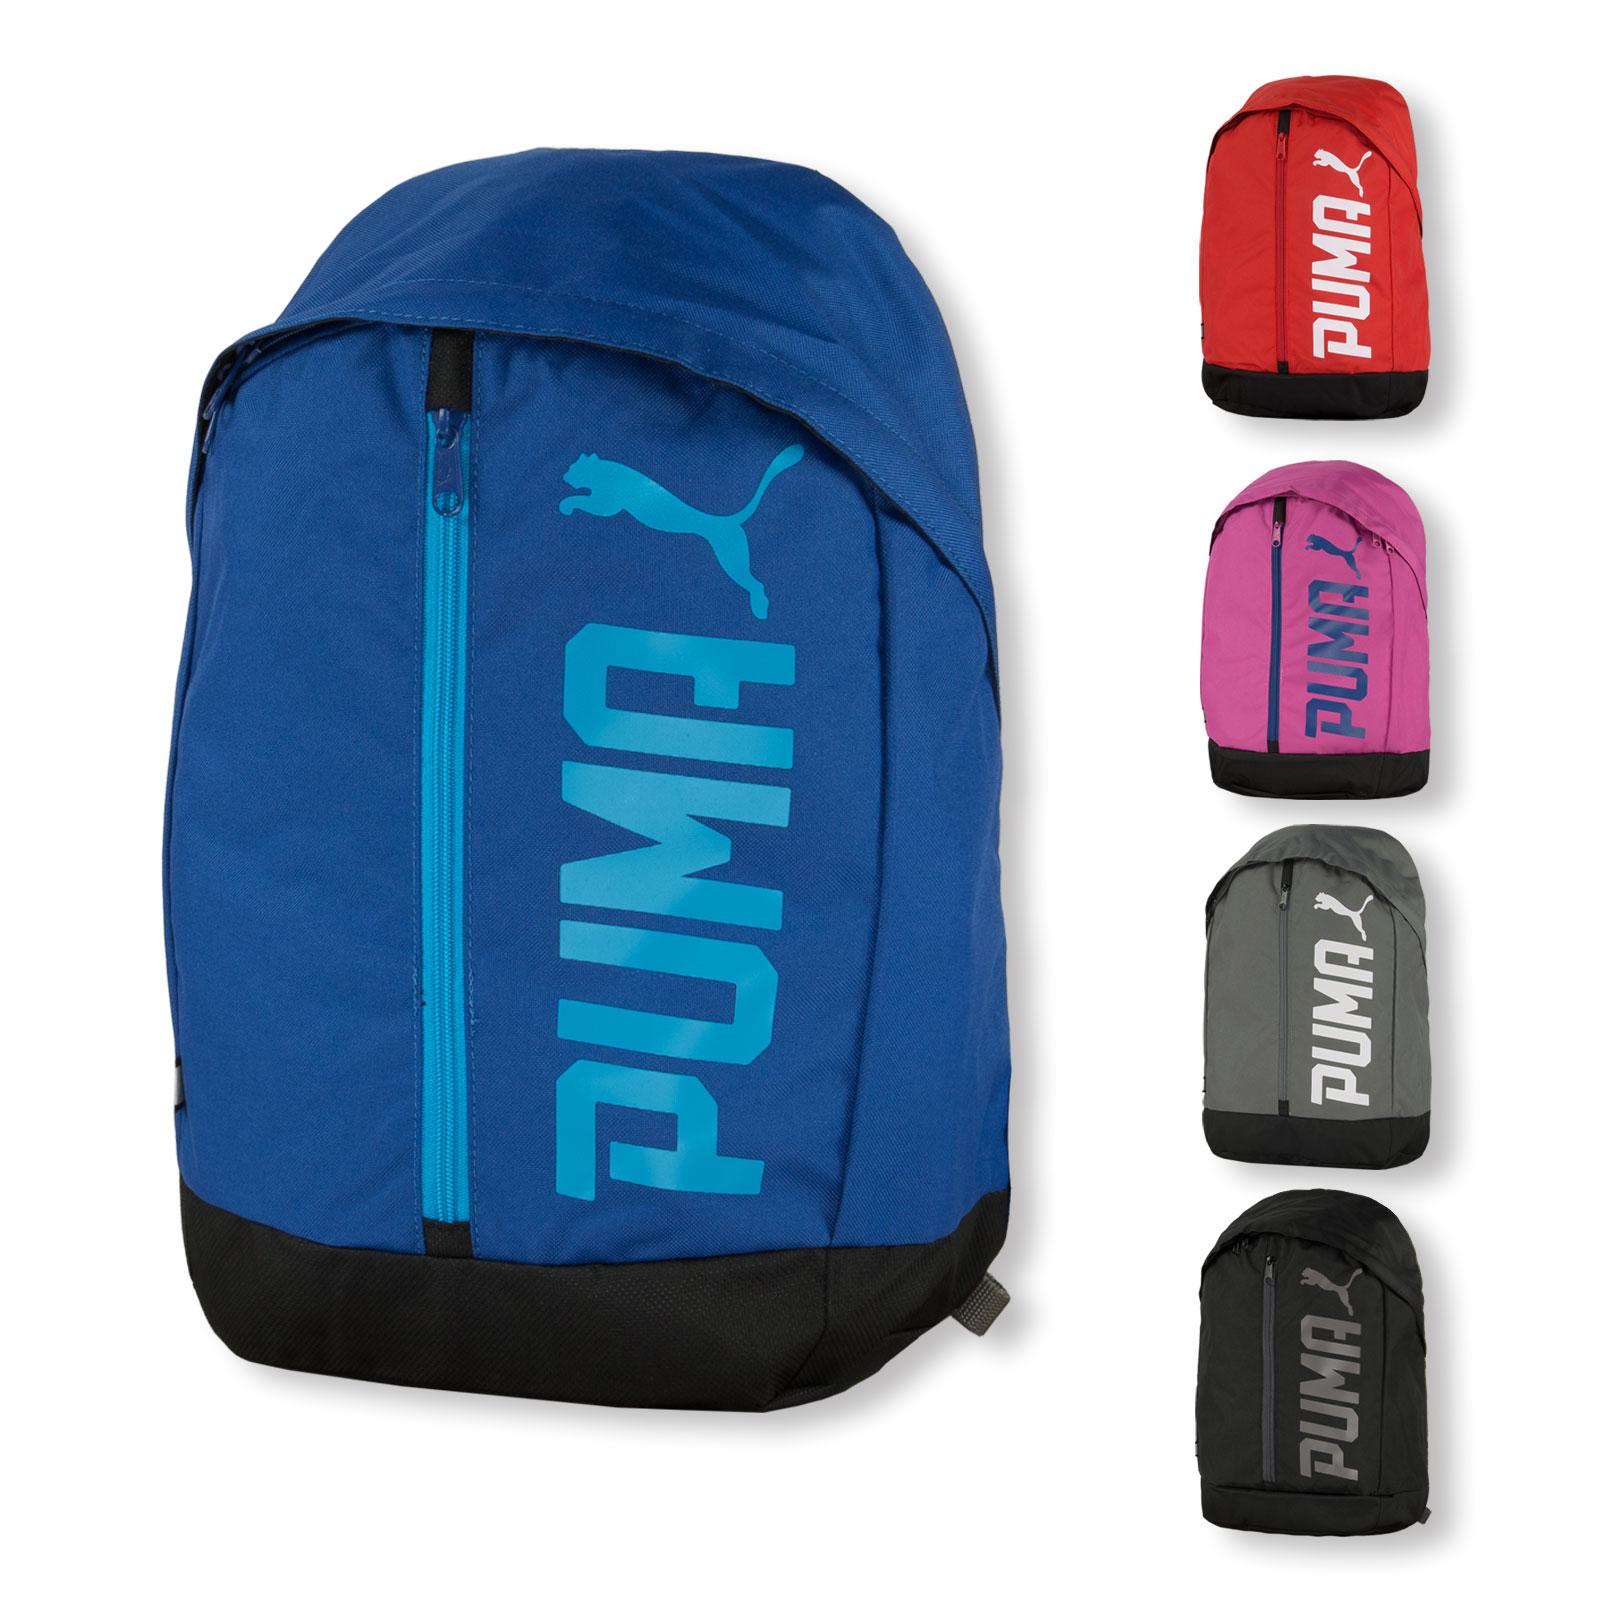 e7740c40f1f69 ... PUMA Pioneer Backpack II Rucksack für Sport Freizeit Reise Schule  Outdoor 074417 in high risk red